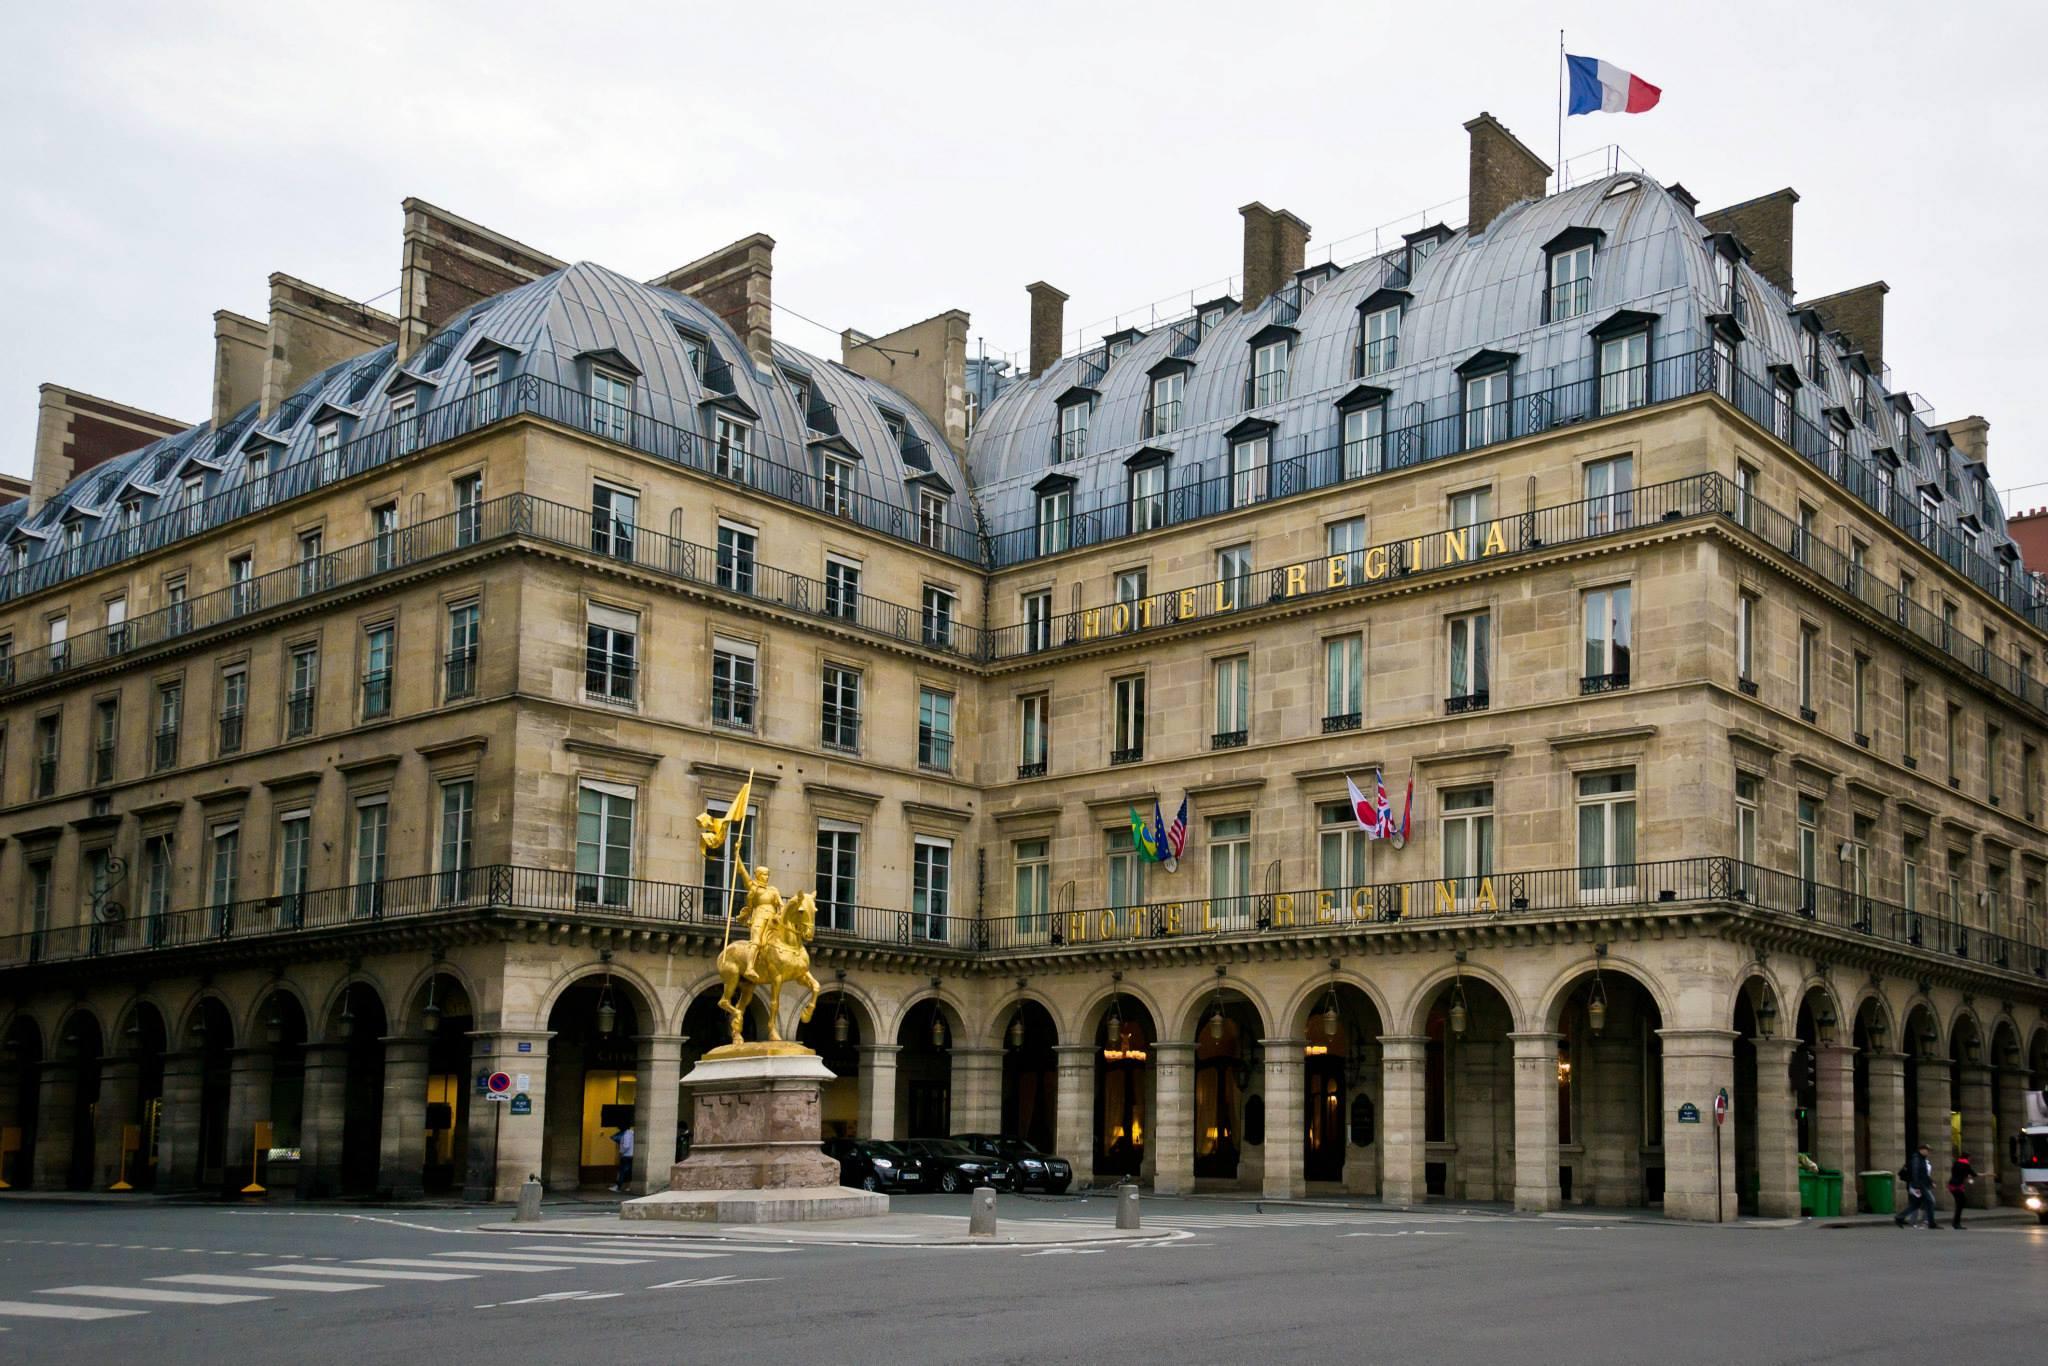 """""""regina hotel paris""""的图片搜索结果"""